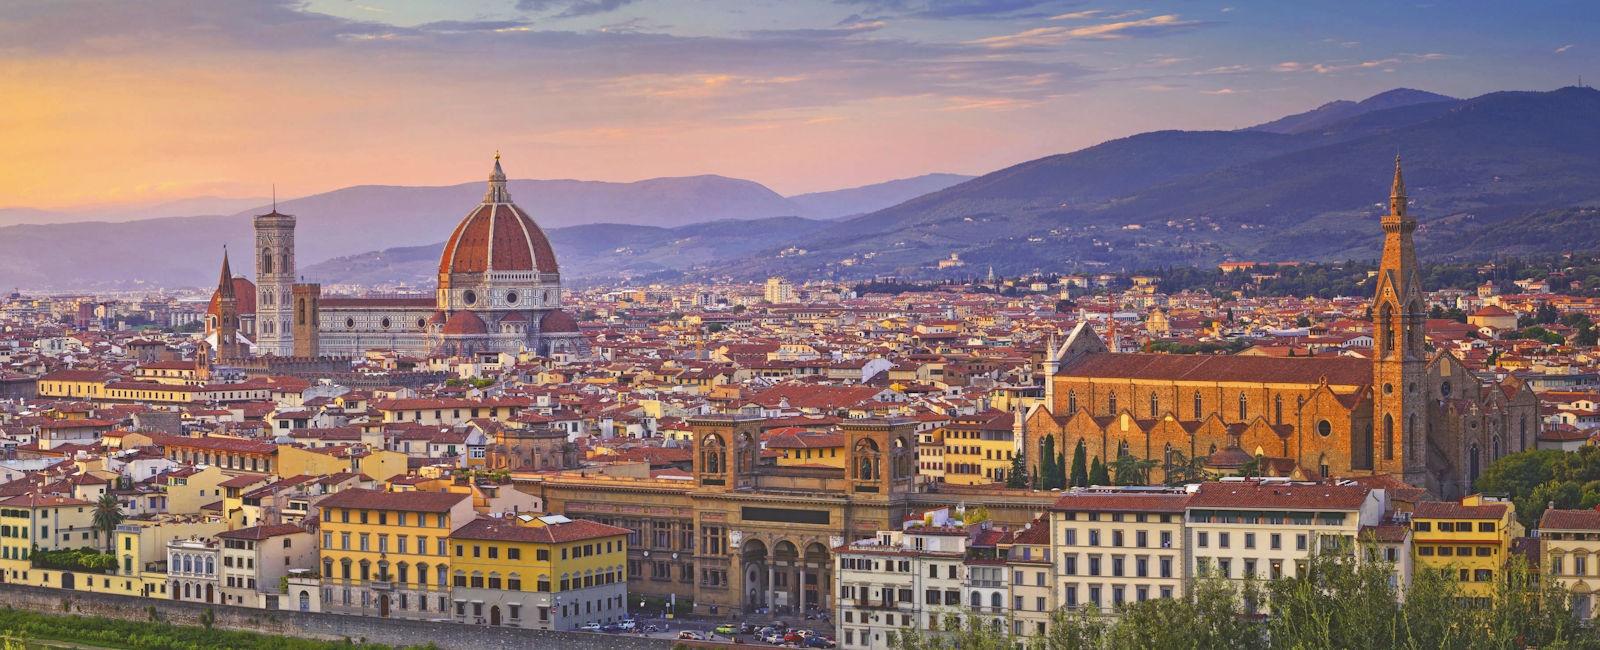 Luxury Florence Holidays